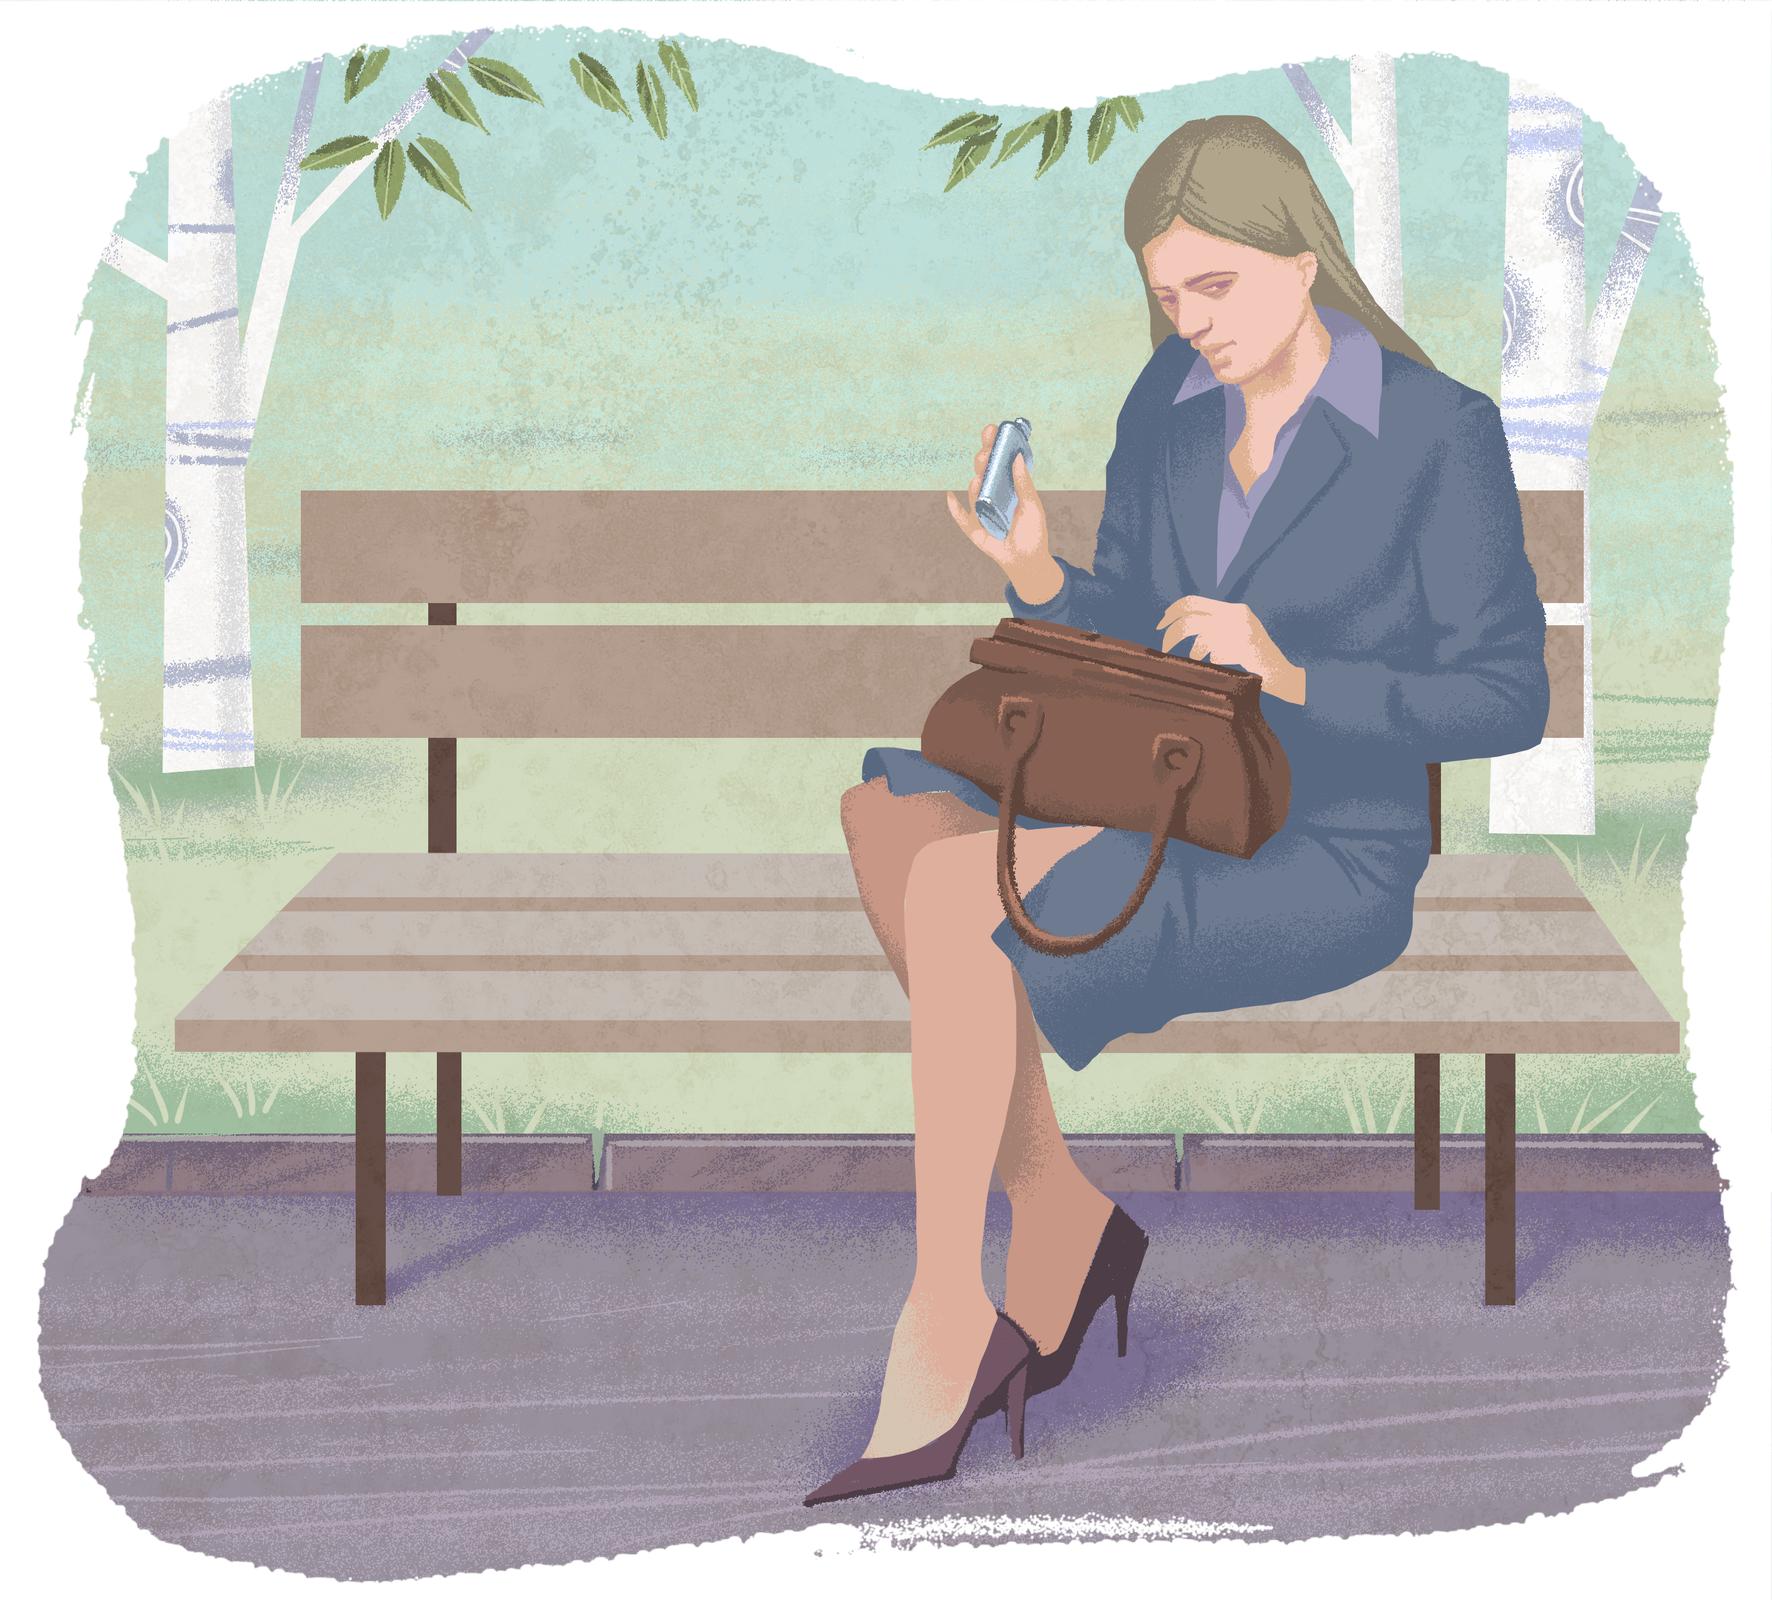 Na ławce wparku siedzi elegancka kobieta wgranatowym kostiumie ibutach na obcasie. Na kolanach ma brązową torebkę. Wyjmuje zniej małą, metalową butelkę zalkoholem.